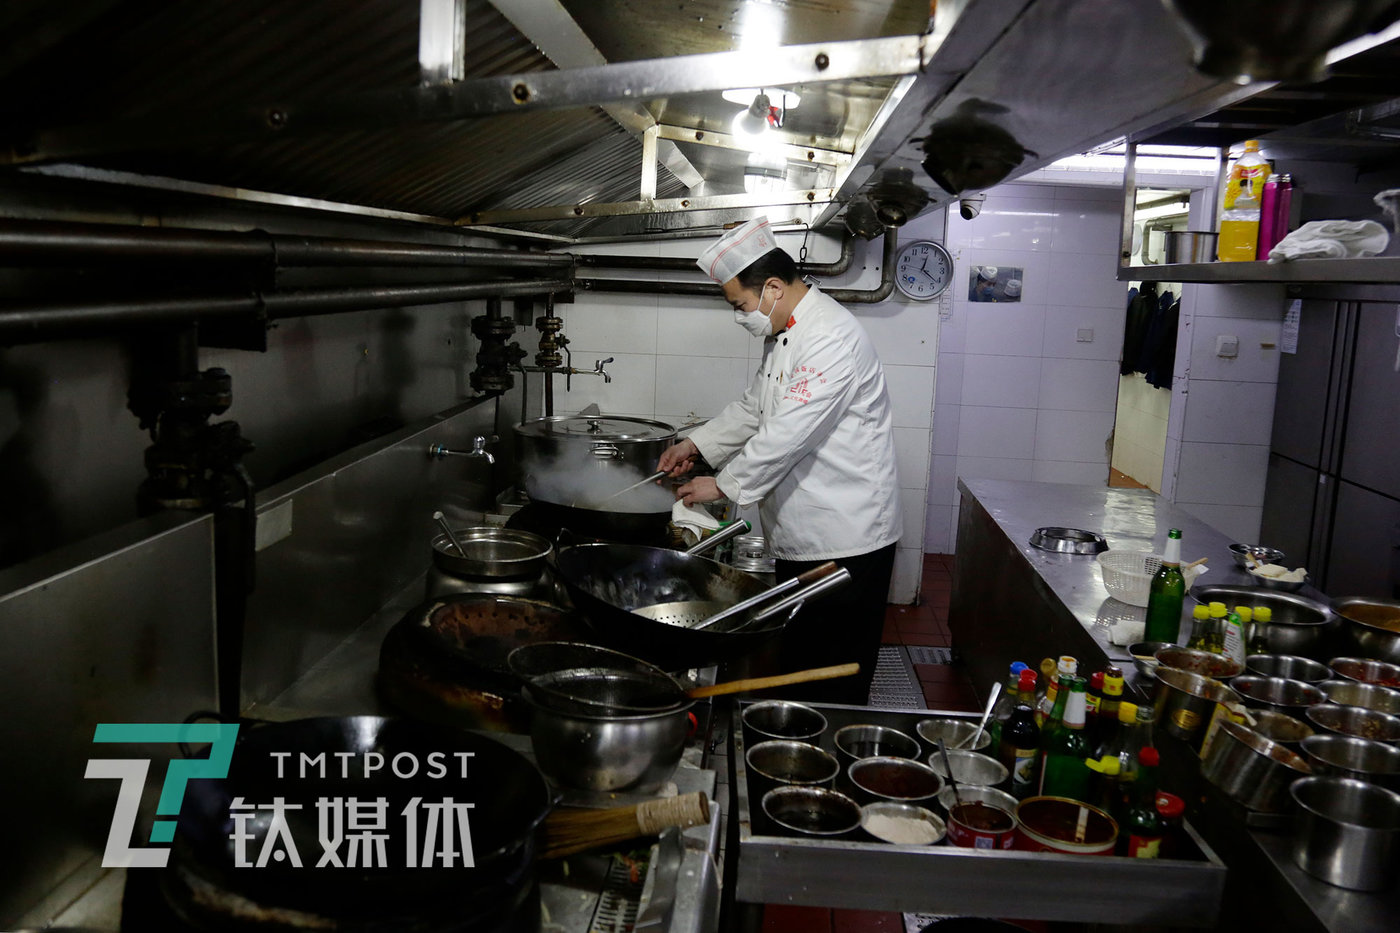 4月1日12:17,北京,湘悦楼鸟巢店,老板王谋福在厨房炒菜。